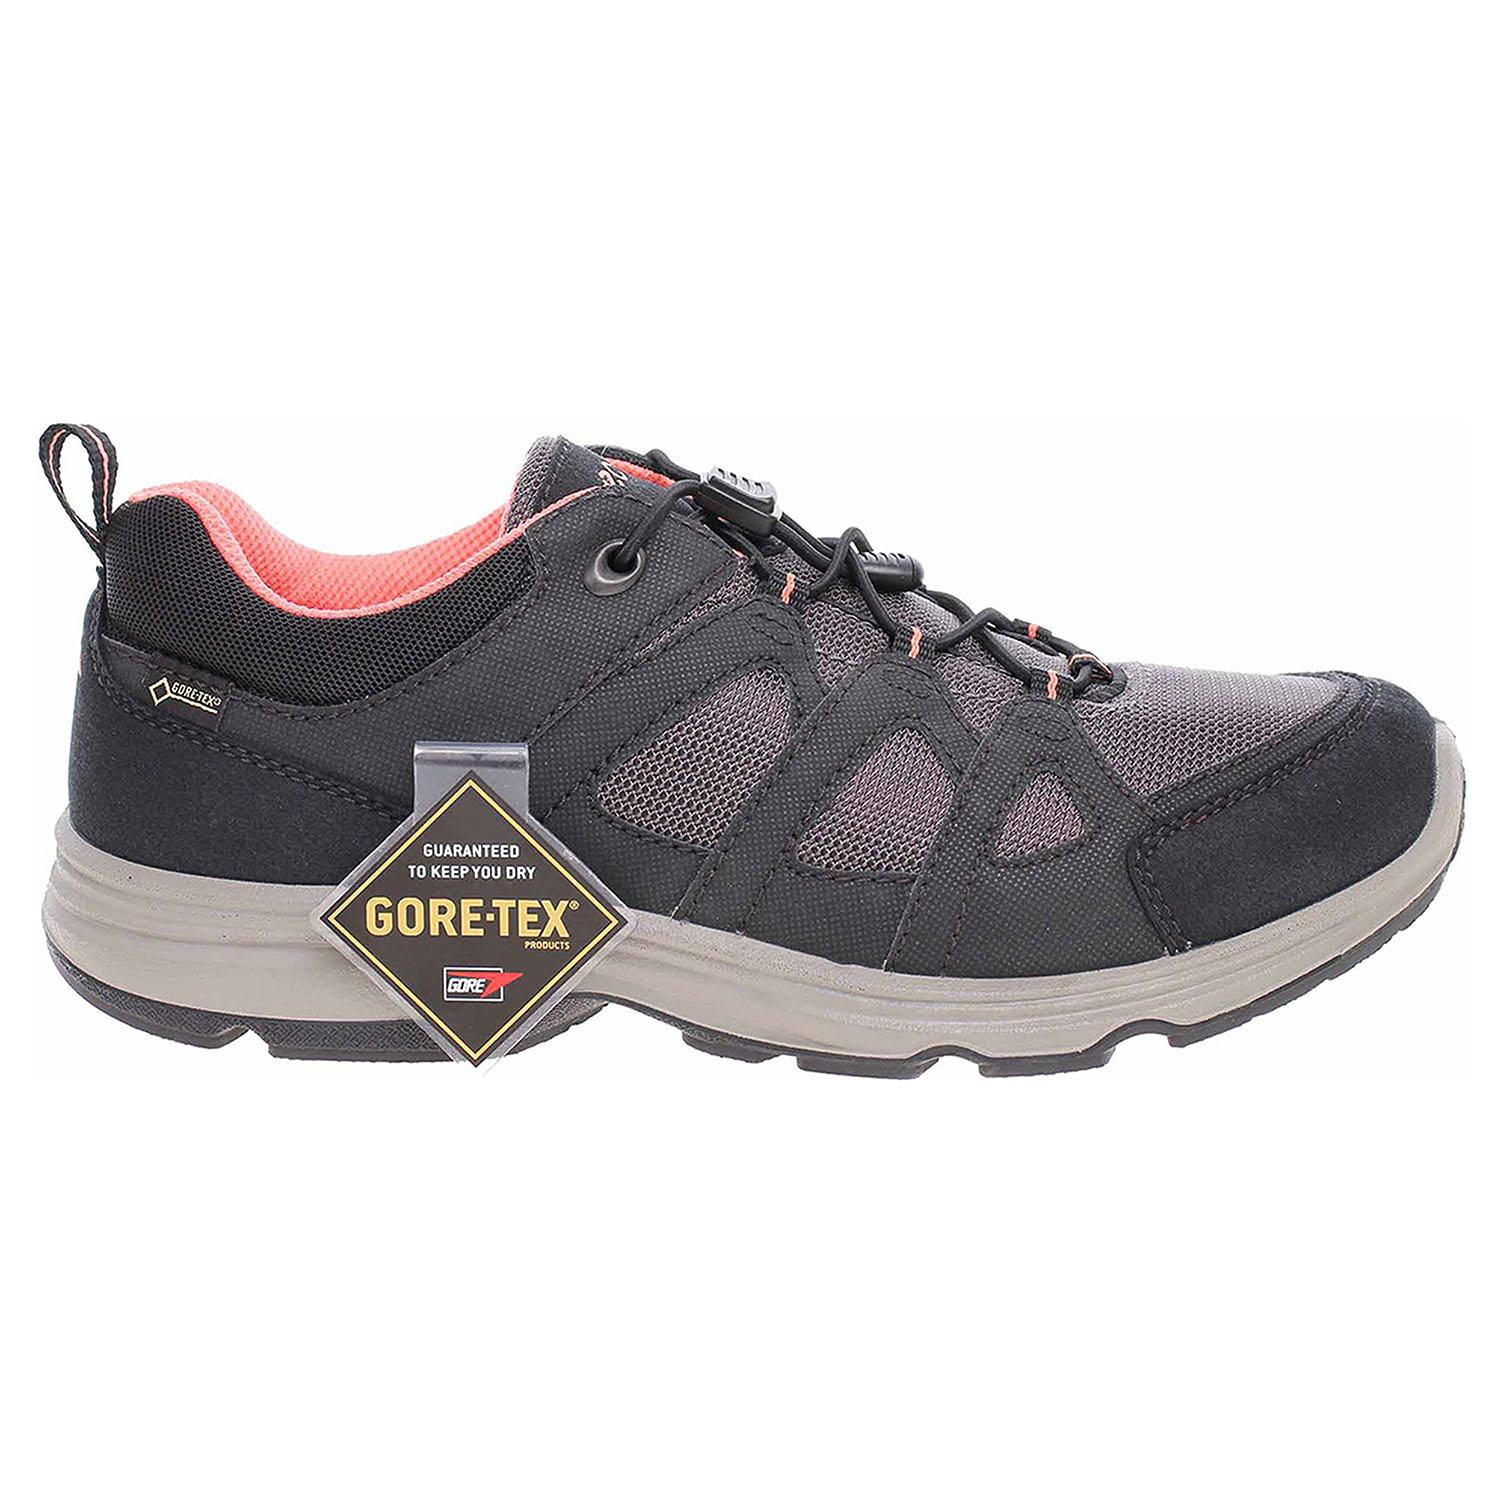 Ecco Ecco Light IV dámská obuv 83602351527 černá 23900172